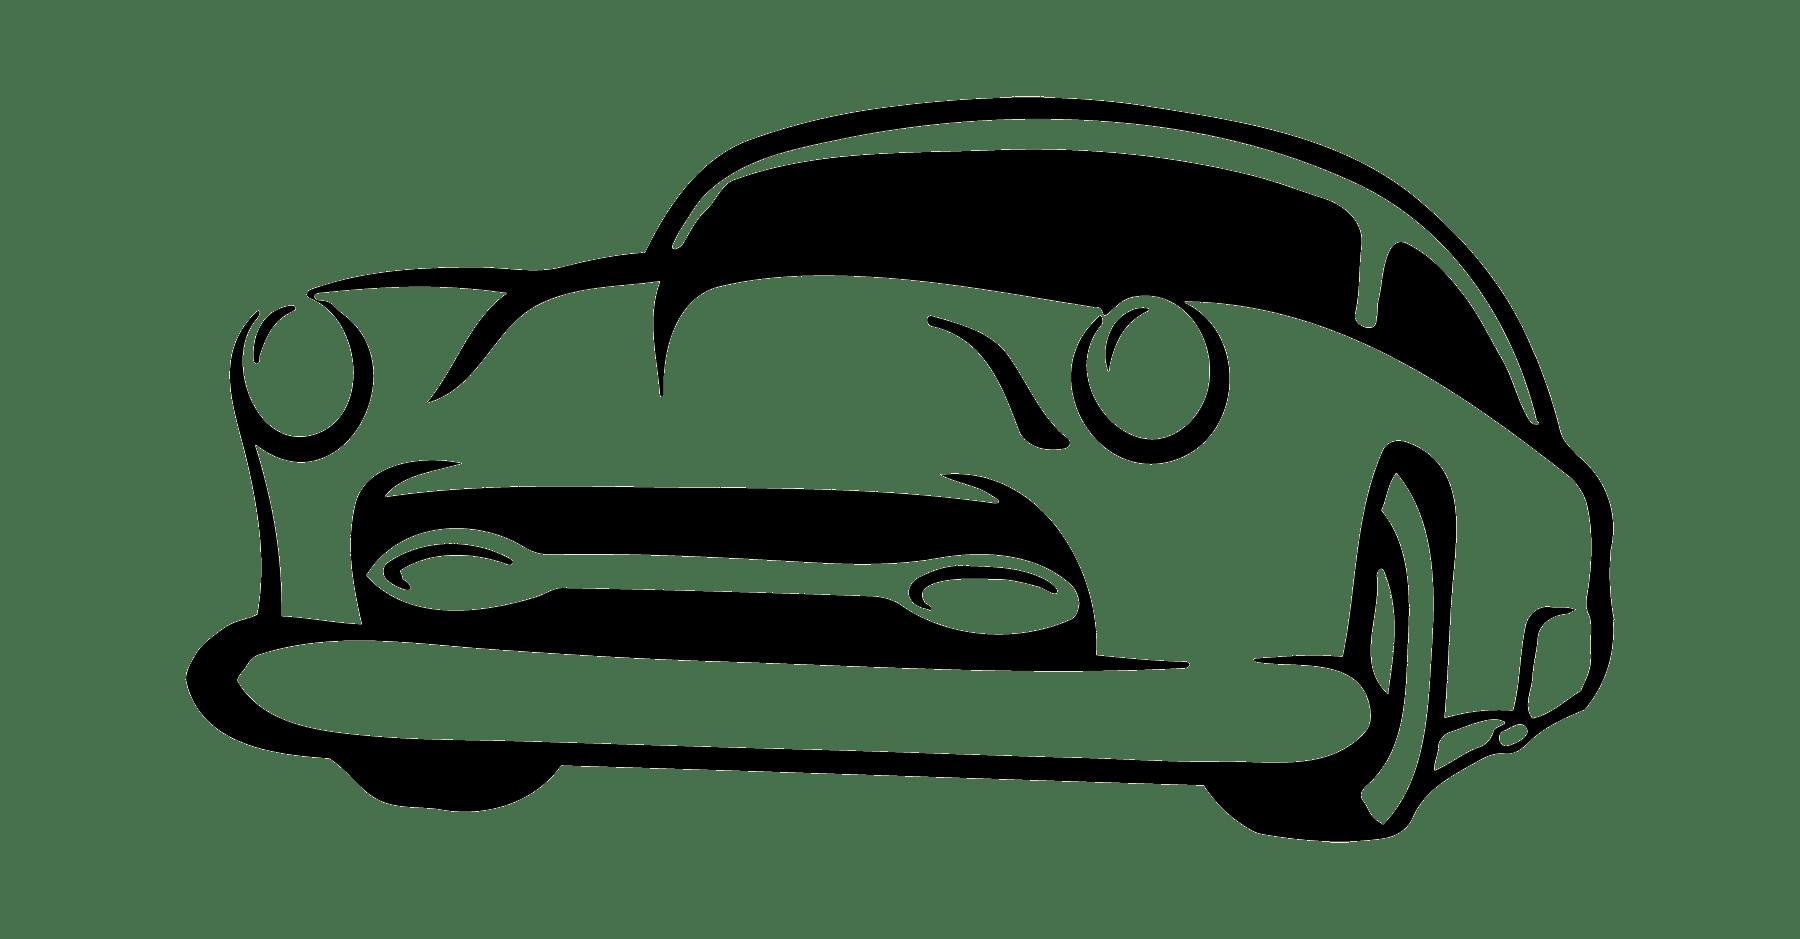 Police Bugatti Chiron Outline Clipart